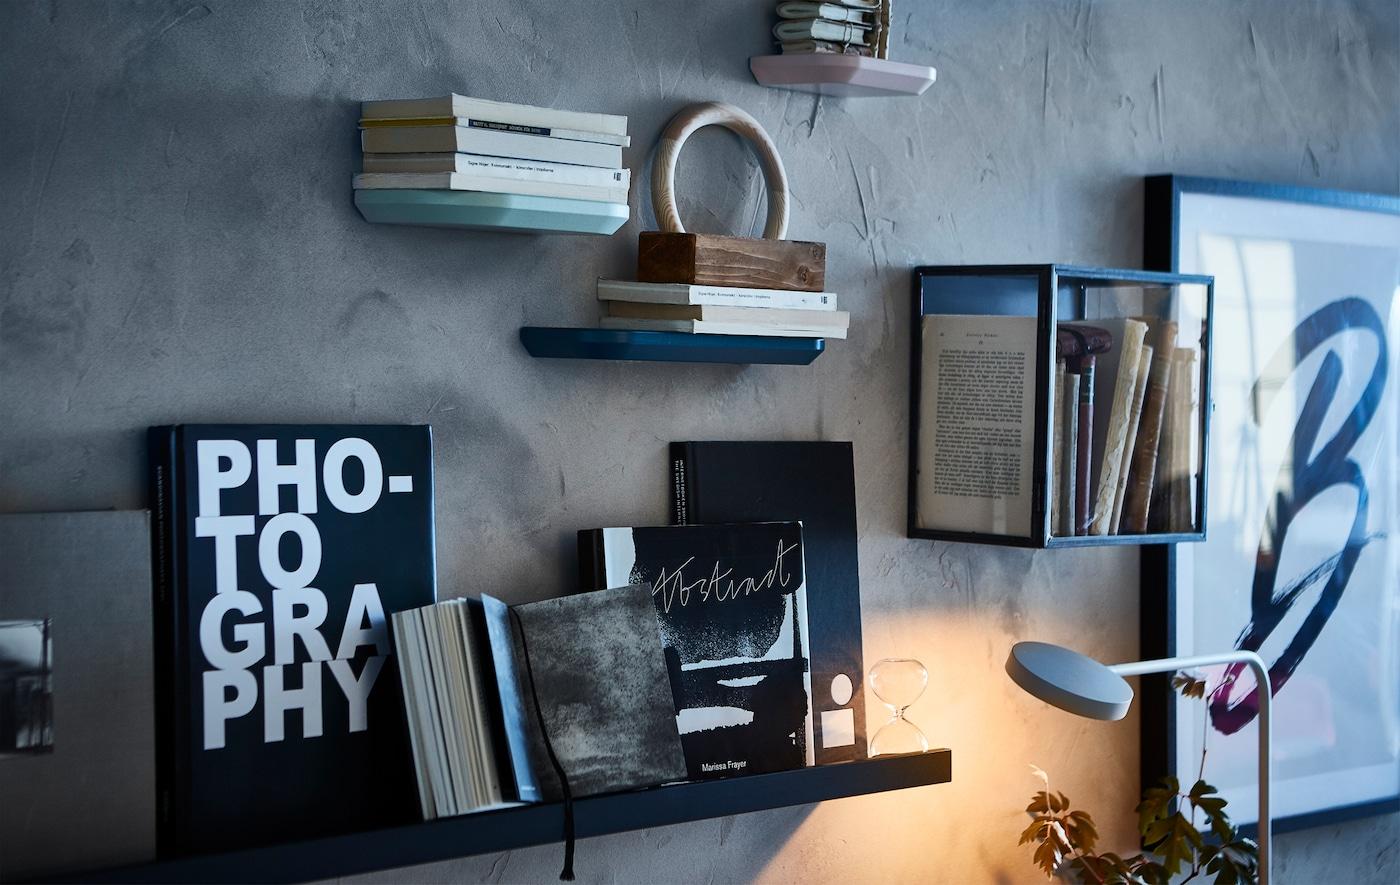 Adora palavras escritas? Exponha os seus livros com uma parede-galeria, utilizando caixas de exposição e prateleiras para molduras, como a prateleira para molduras MOSSLANDA preta da IKEA. Pode utilizá-la como mini prateleira para colocar livros e apreciar as capas. Suporta até 7,5 quilos.